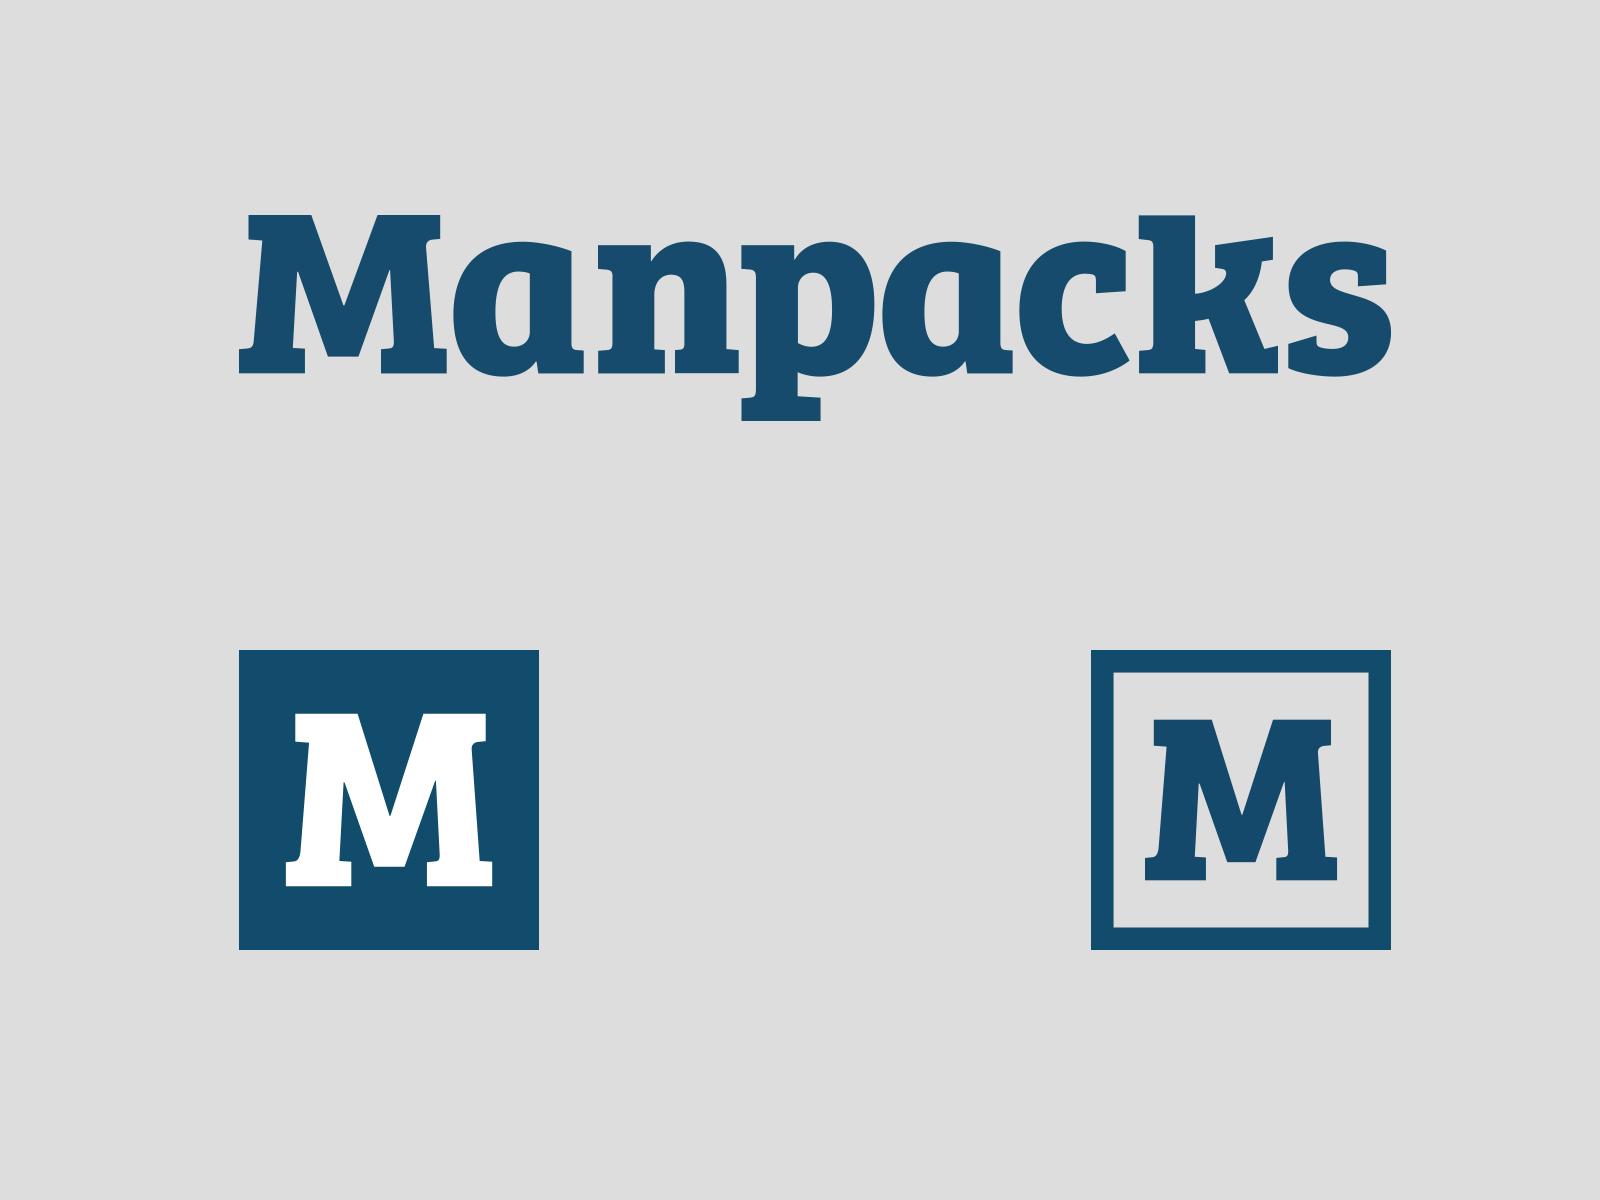 manpacks1b